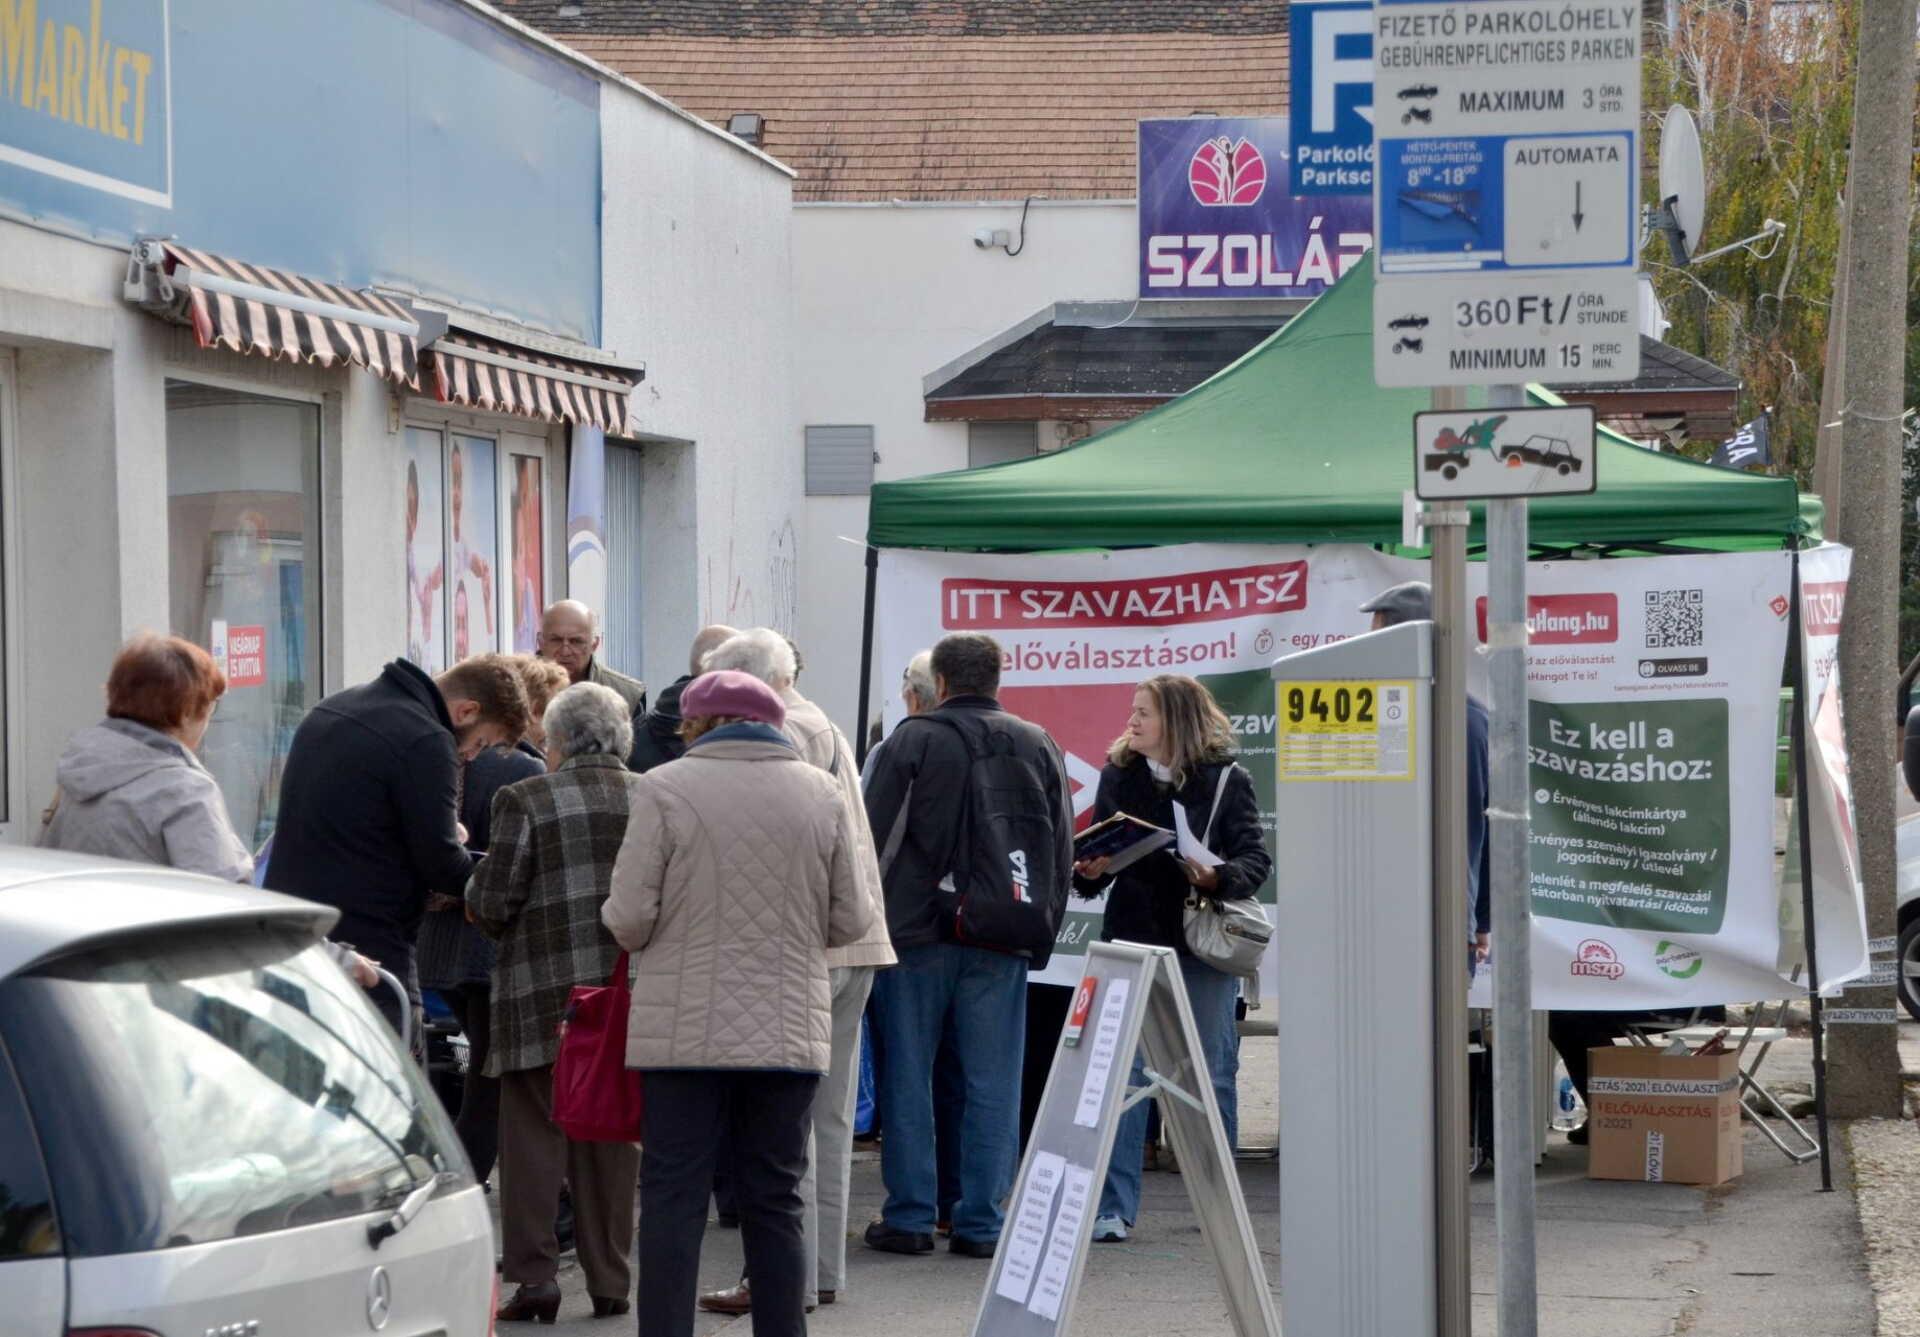 Sopronban a piacnál ma még áll a sátor.